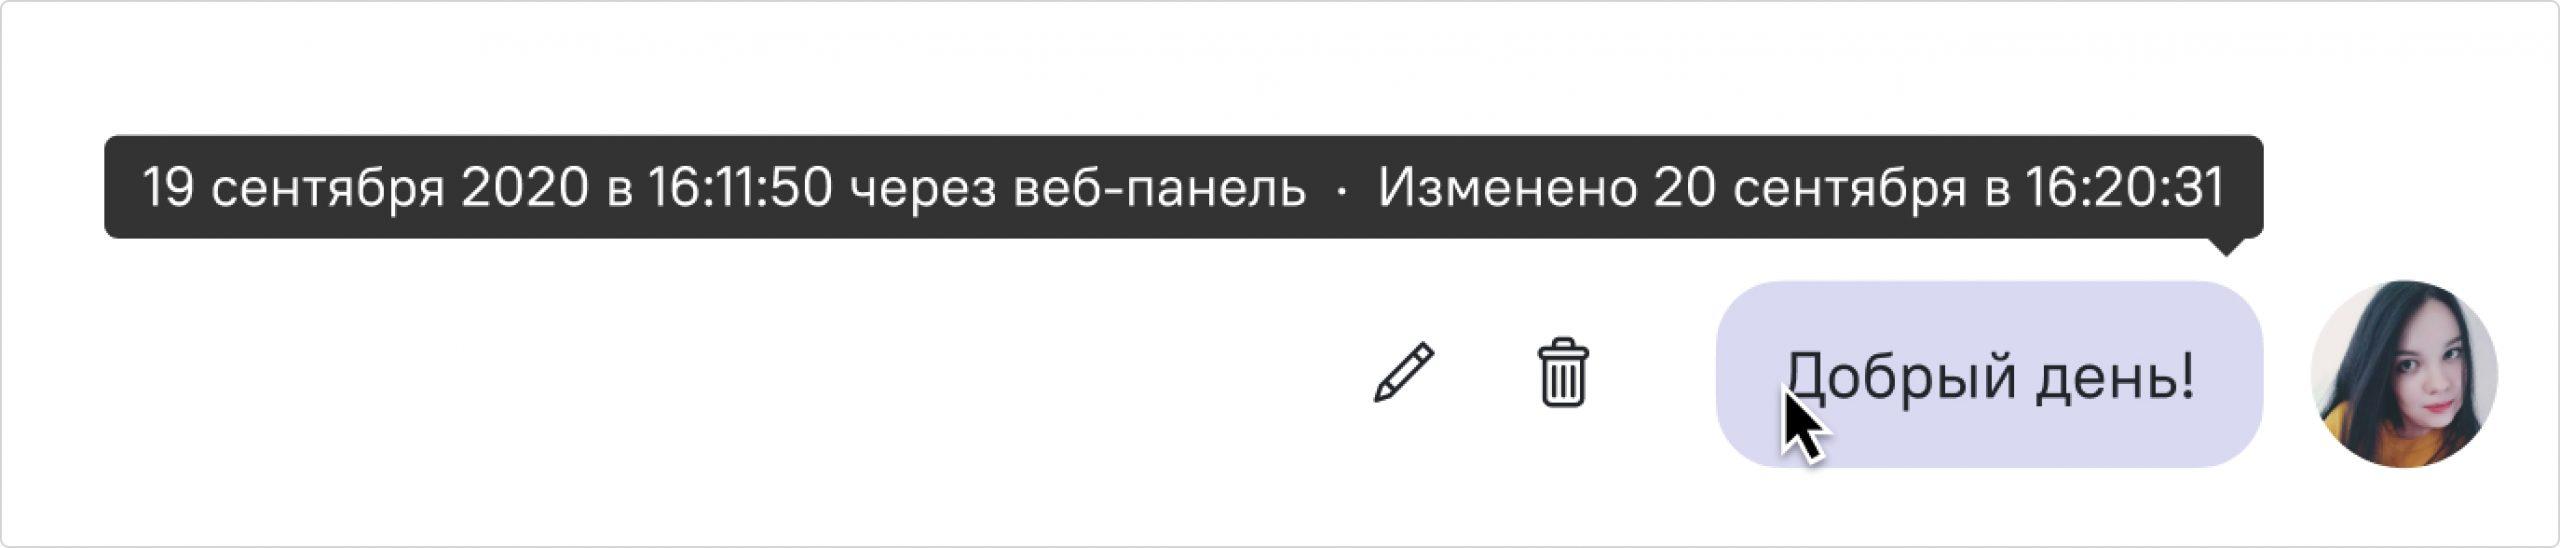 edited-message